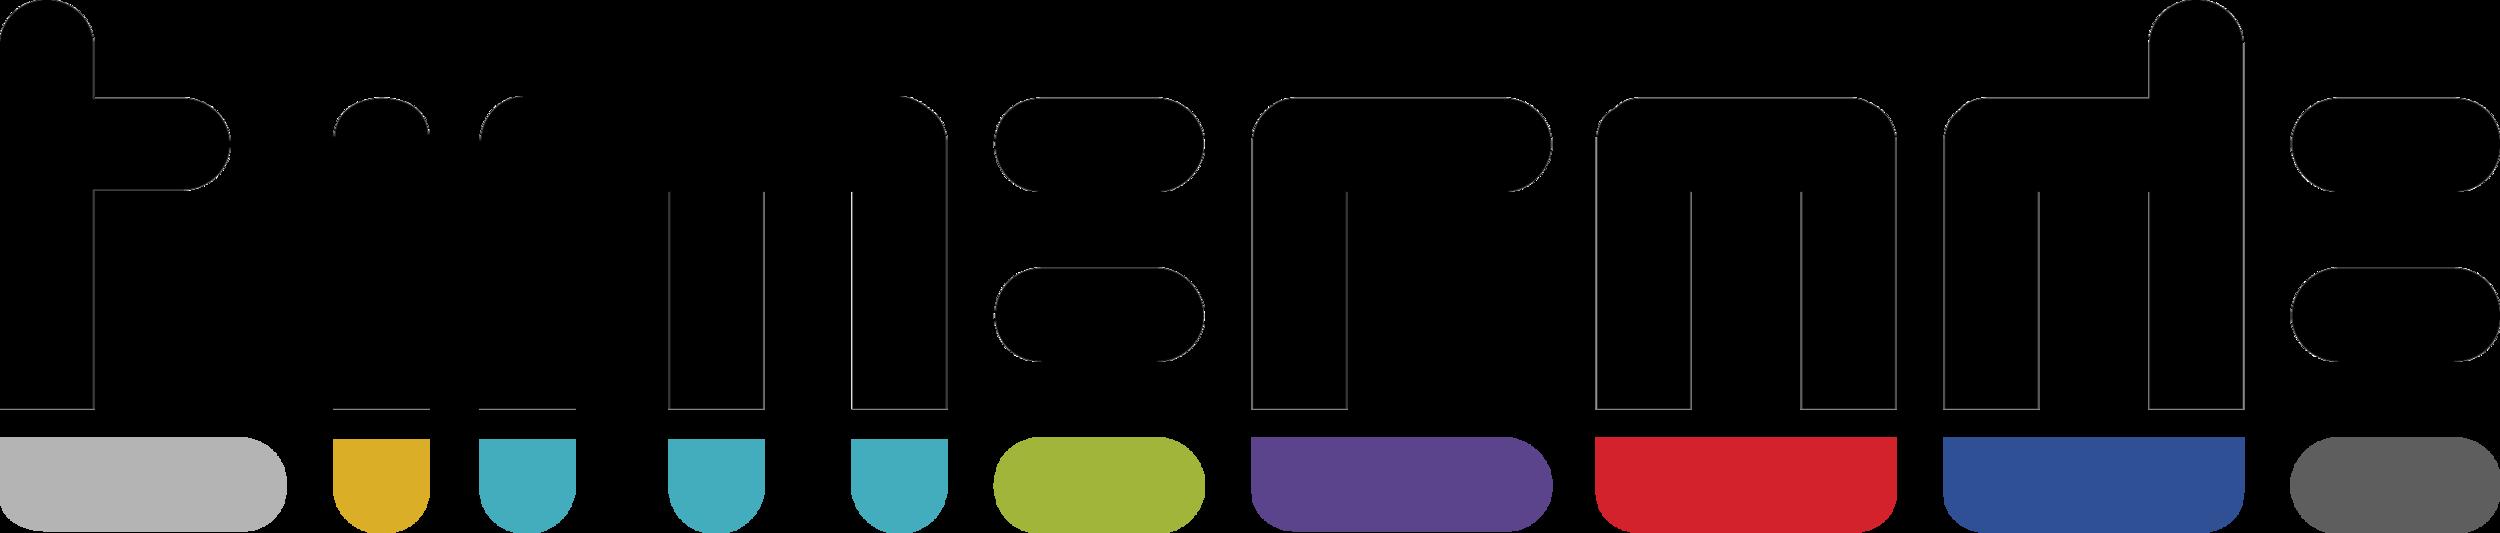 TIMECODE_logo_b.png